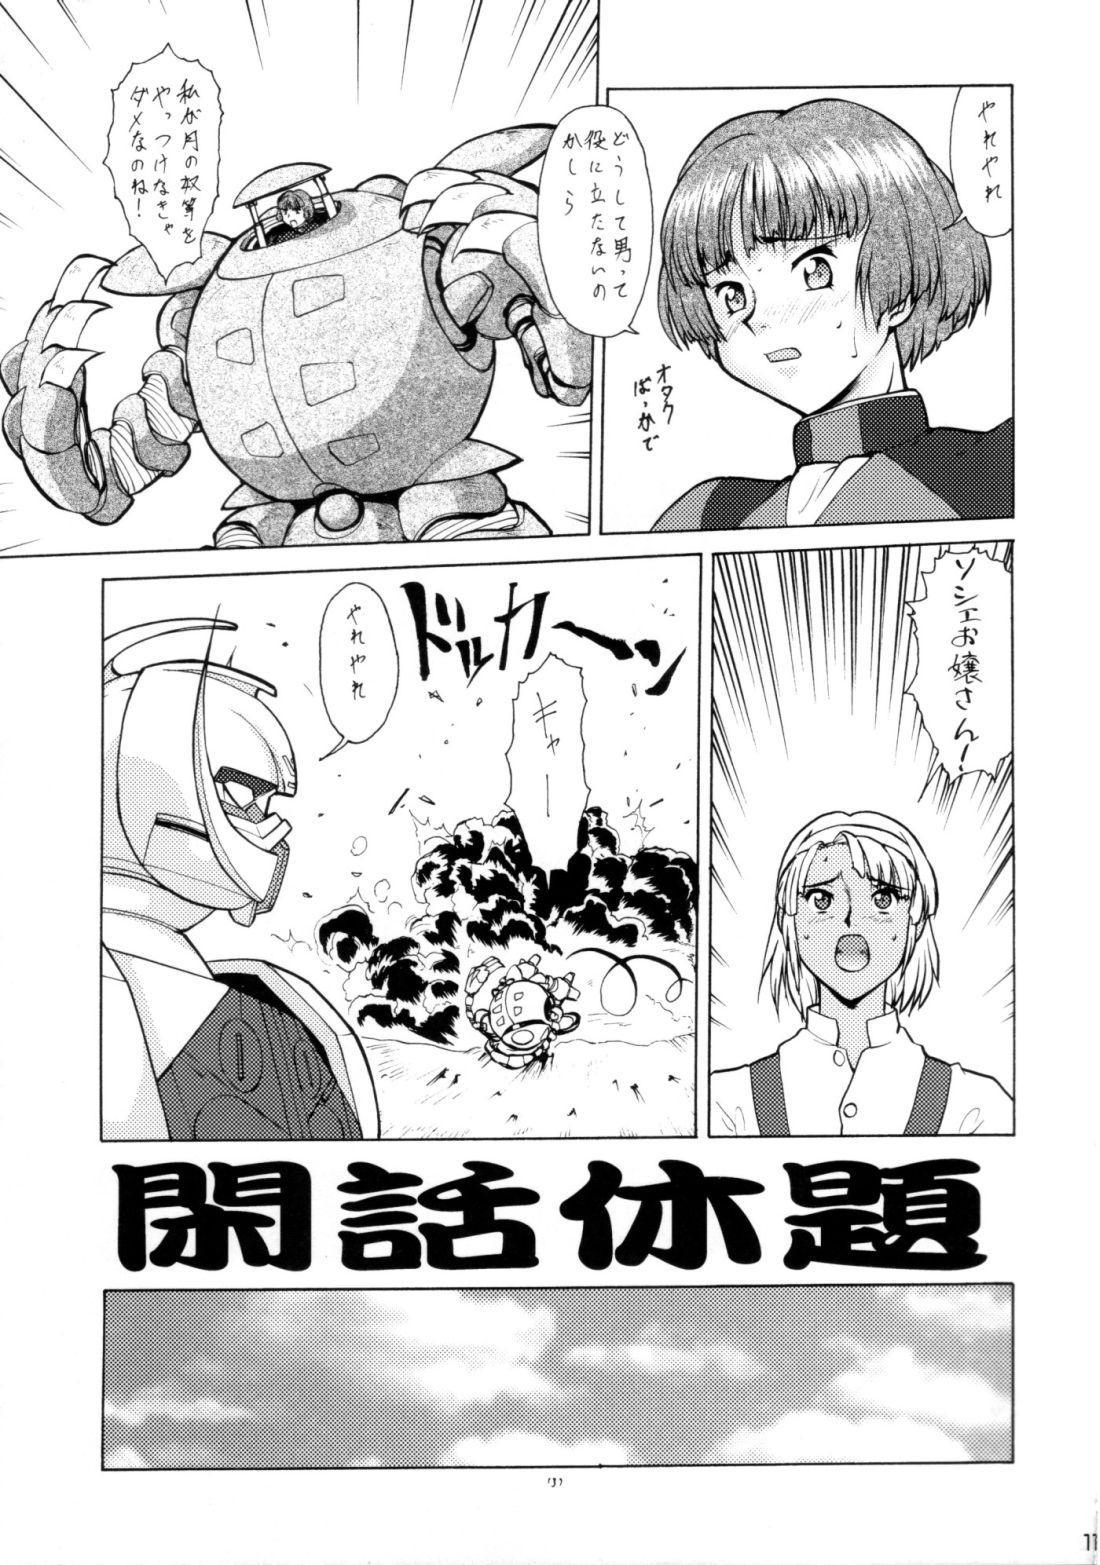 Umedamangashuu 12 Shito 9